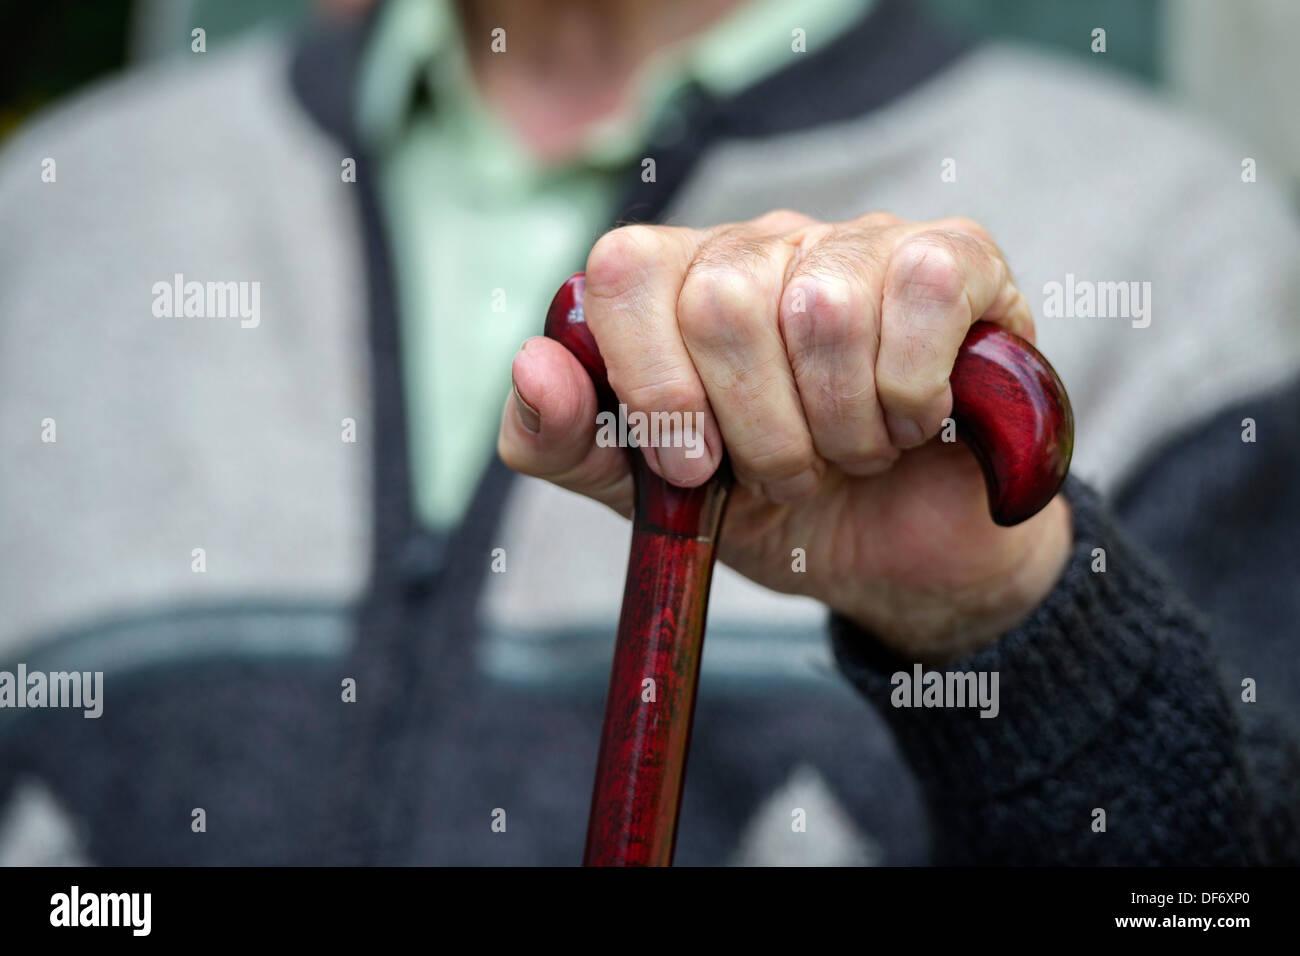 Eine ältere Rentner sitzt mit seinen Händen auf einen Spazierstock in einem Pflegeheim. Stockbild